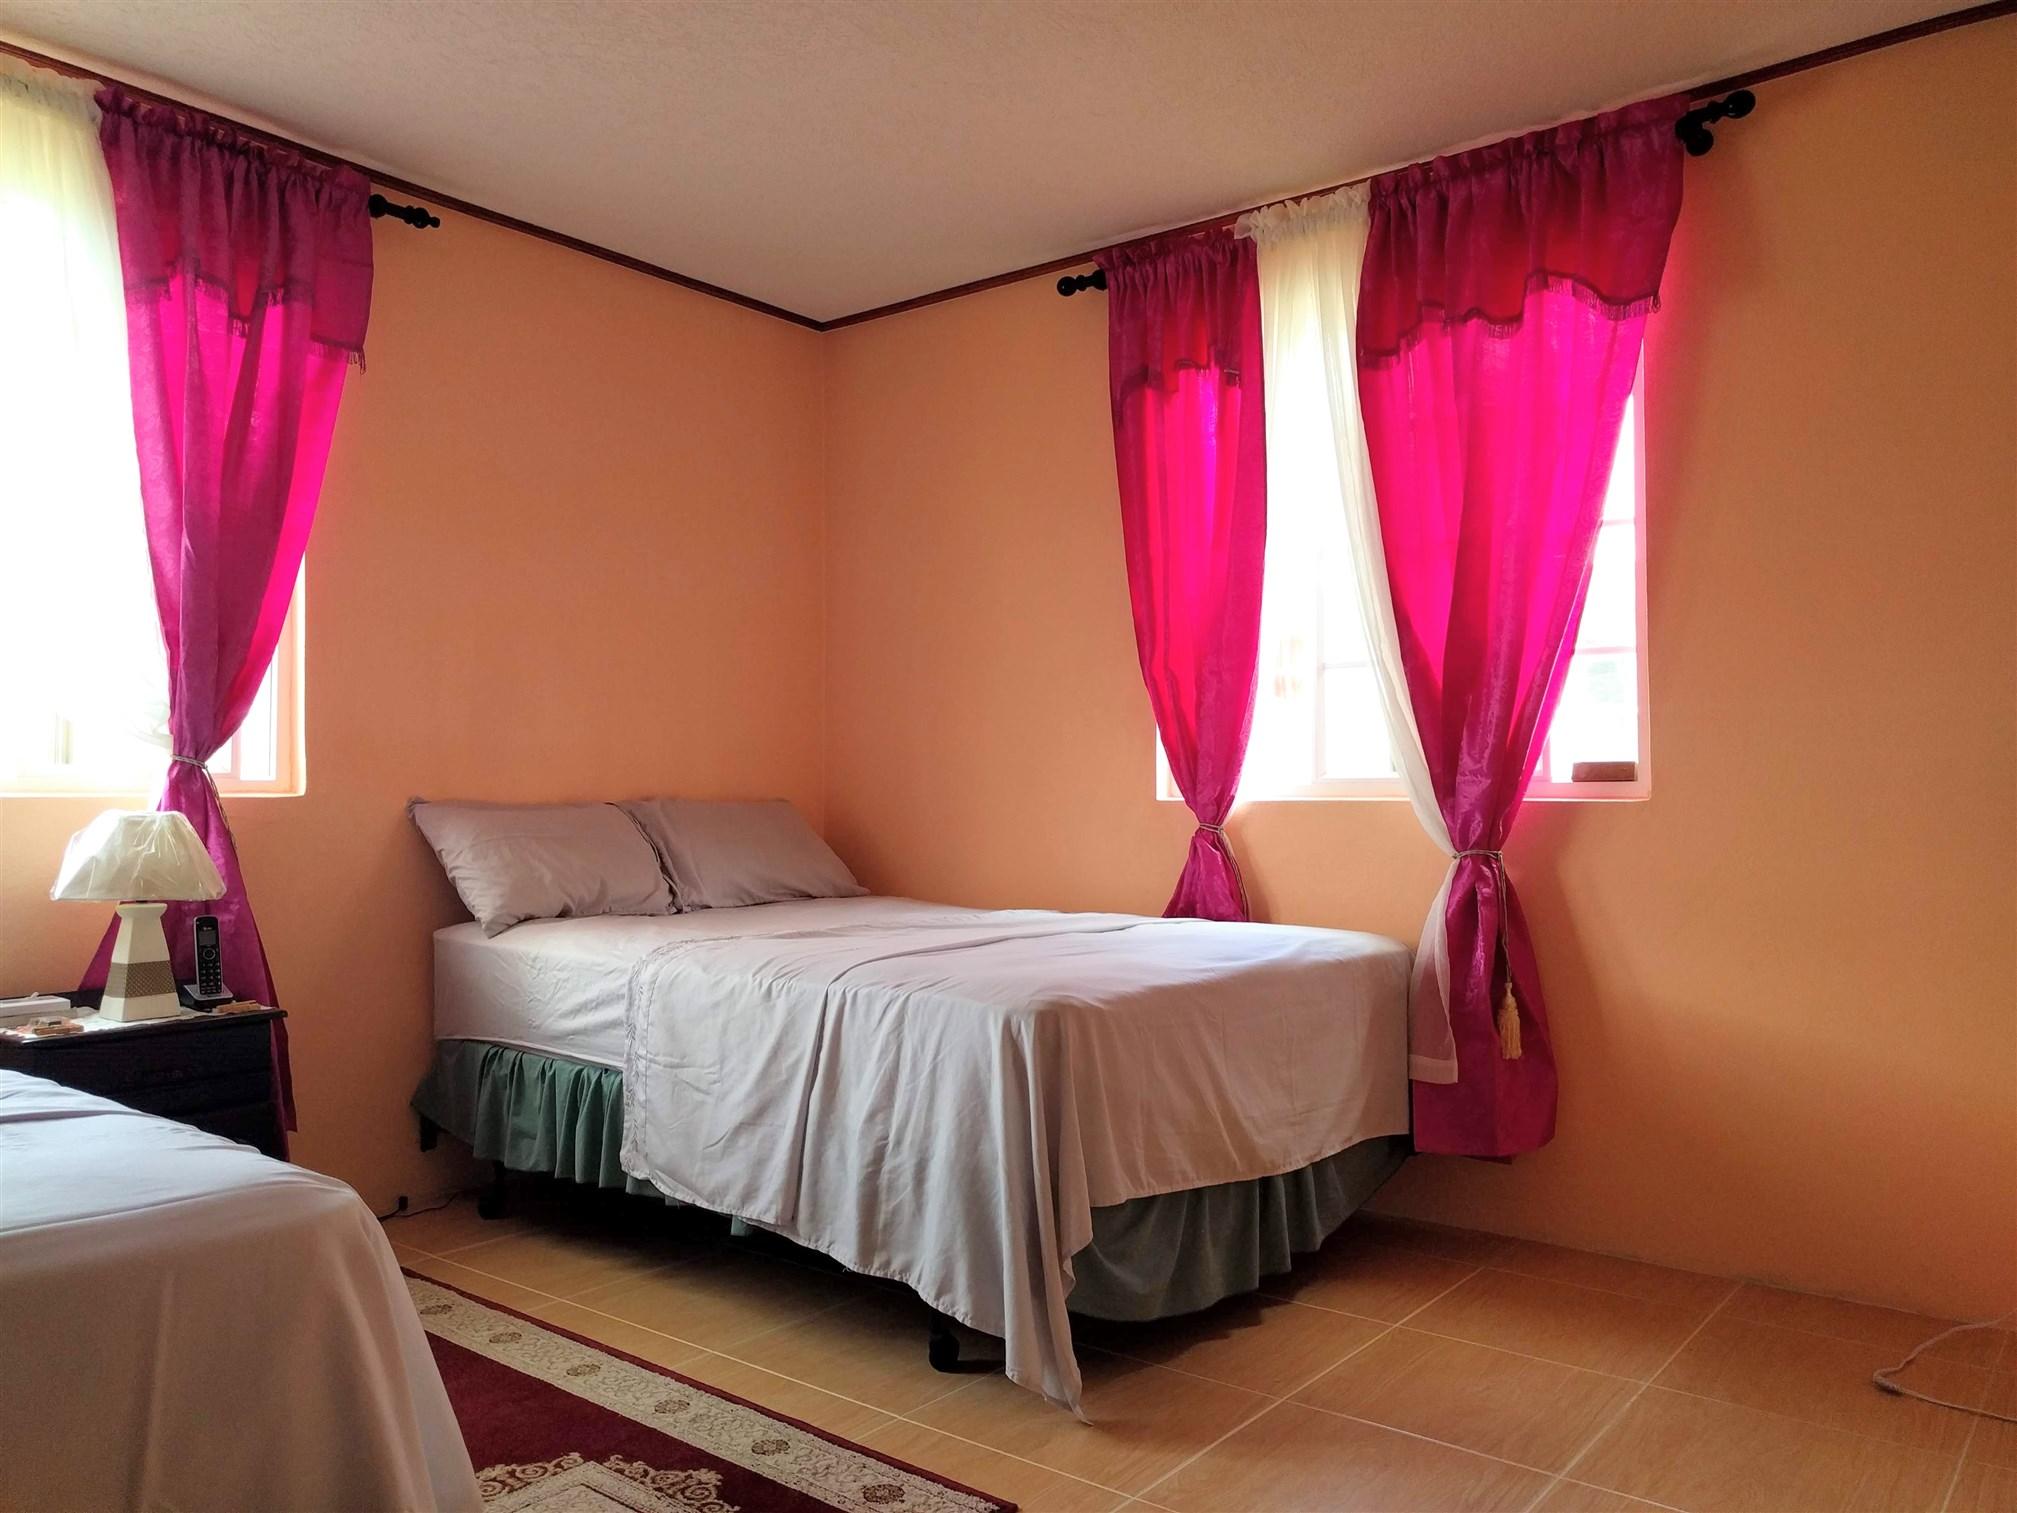 Bedroom, Mount Standfast, St. James